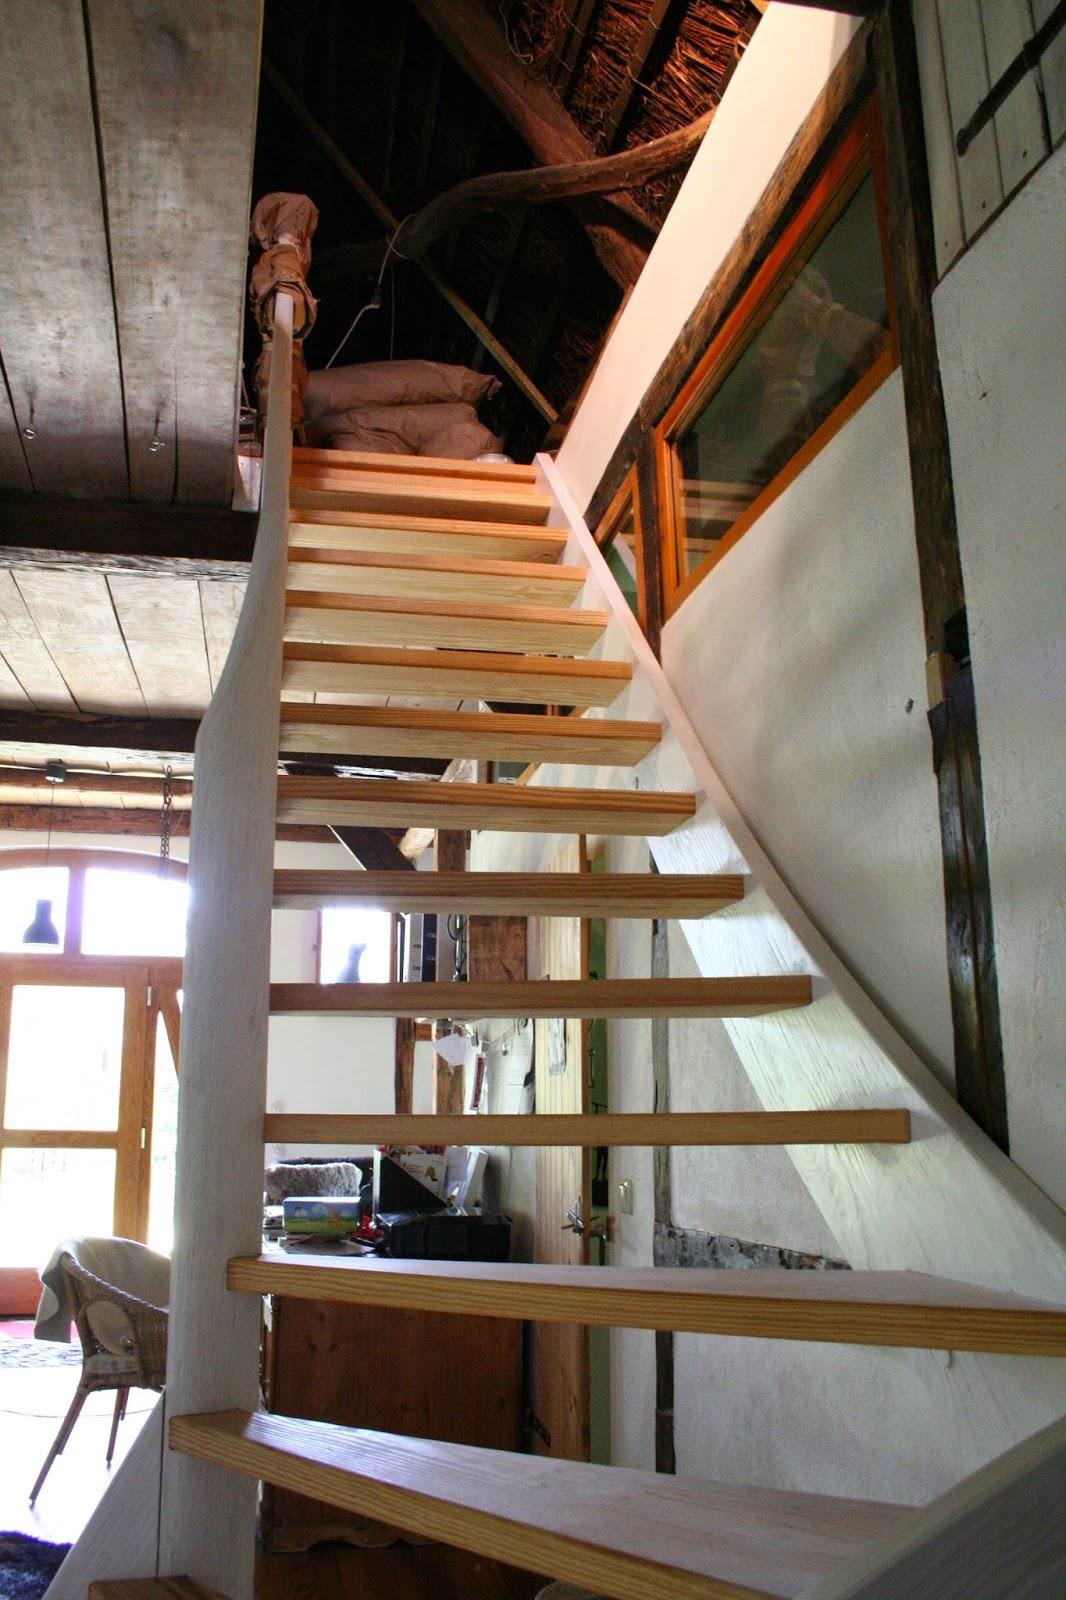 treppe streichen zum schutz vor werden zum schluss noch alle fugen mit silikon versiegelt foto. Black Bedroom Furniture Sets. Home Design Ideas